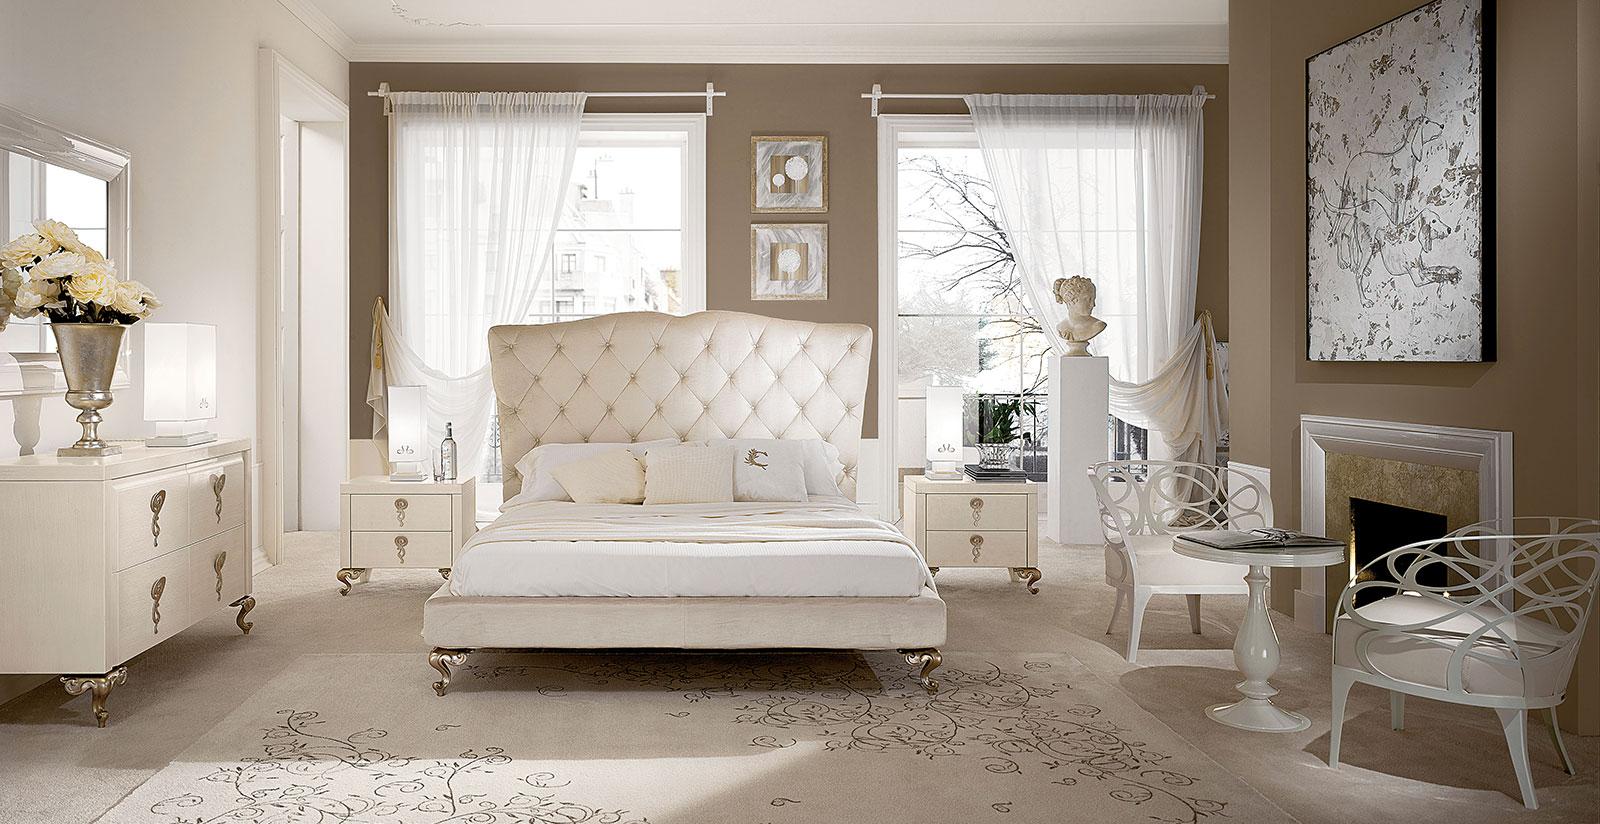 Camere Da Letto Da Sogno Moderne : Camere da letto da sogno classiche sokolvineyard